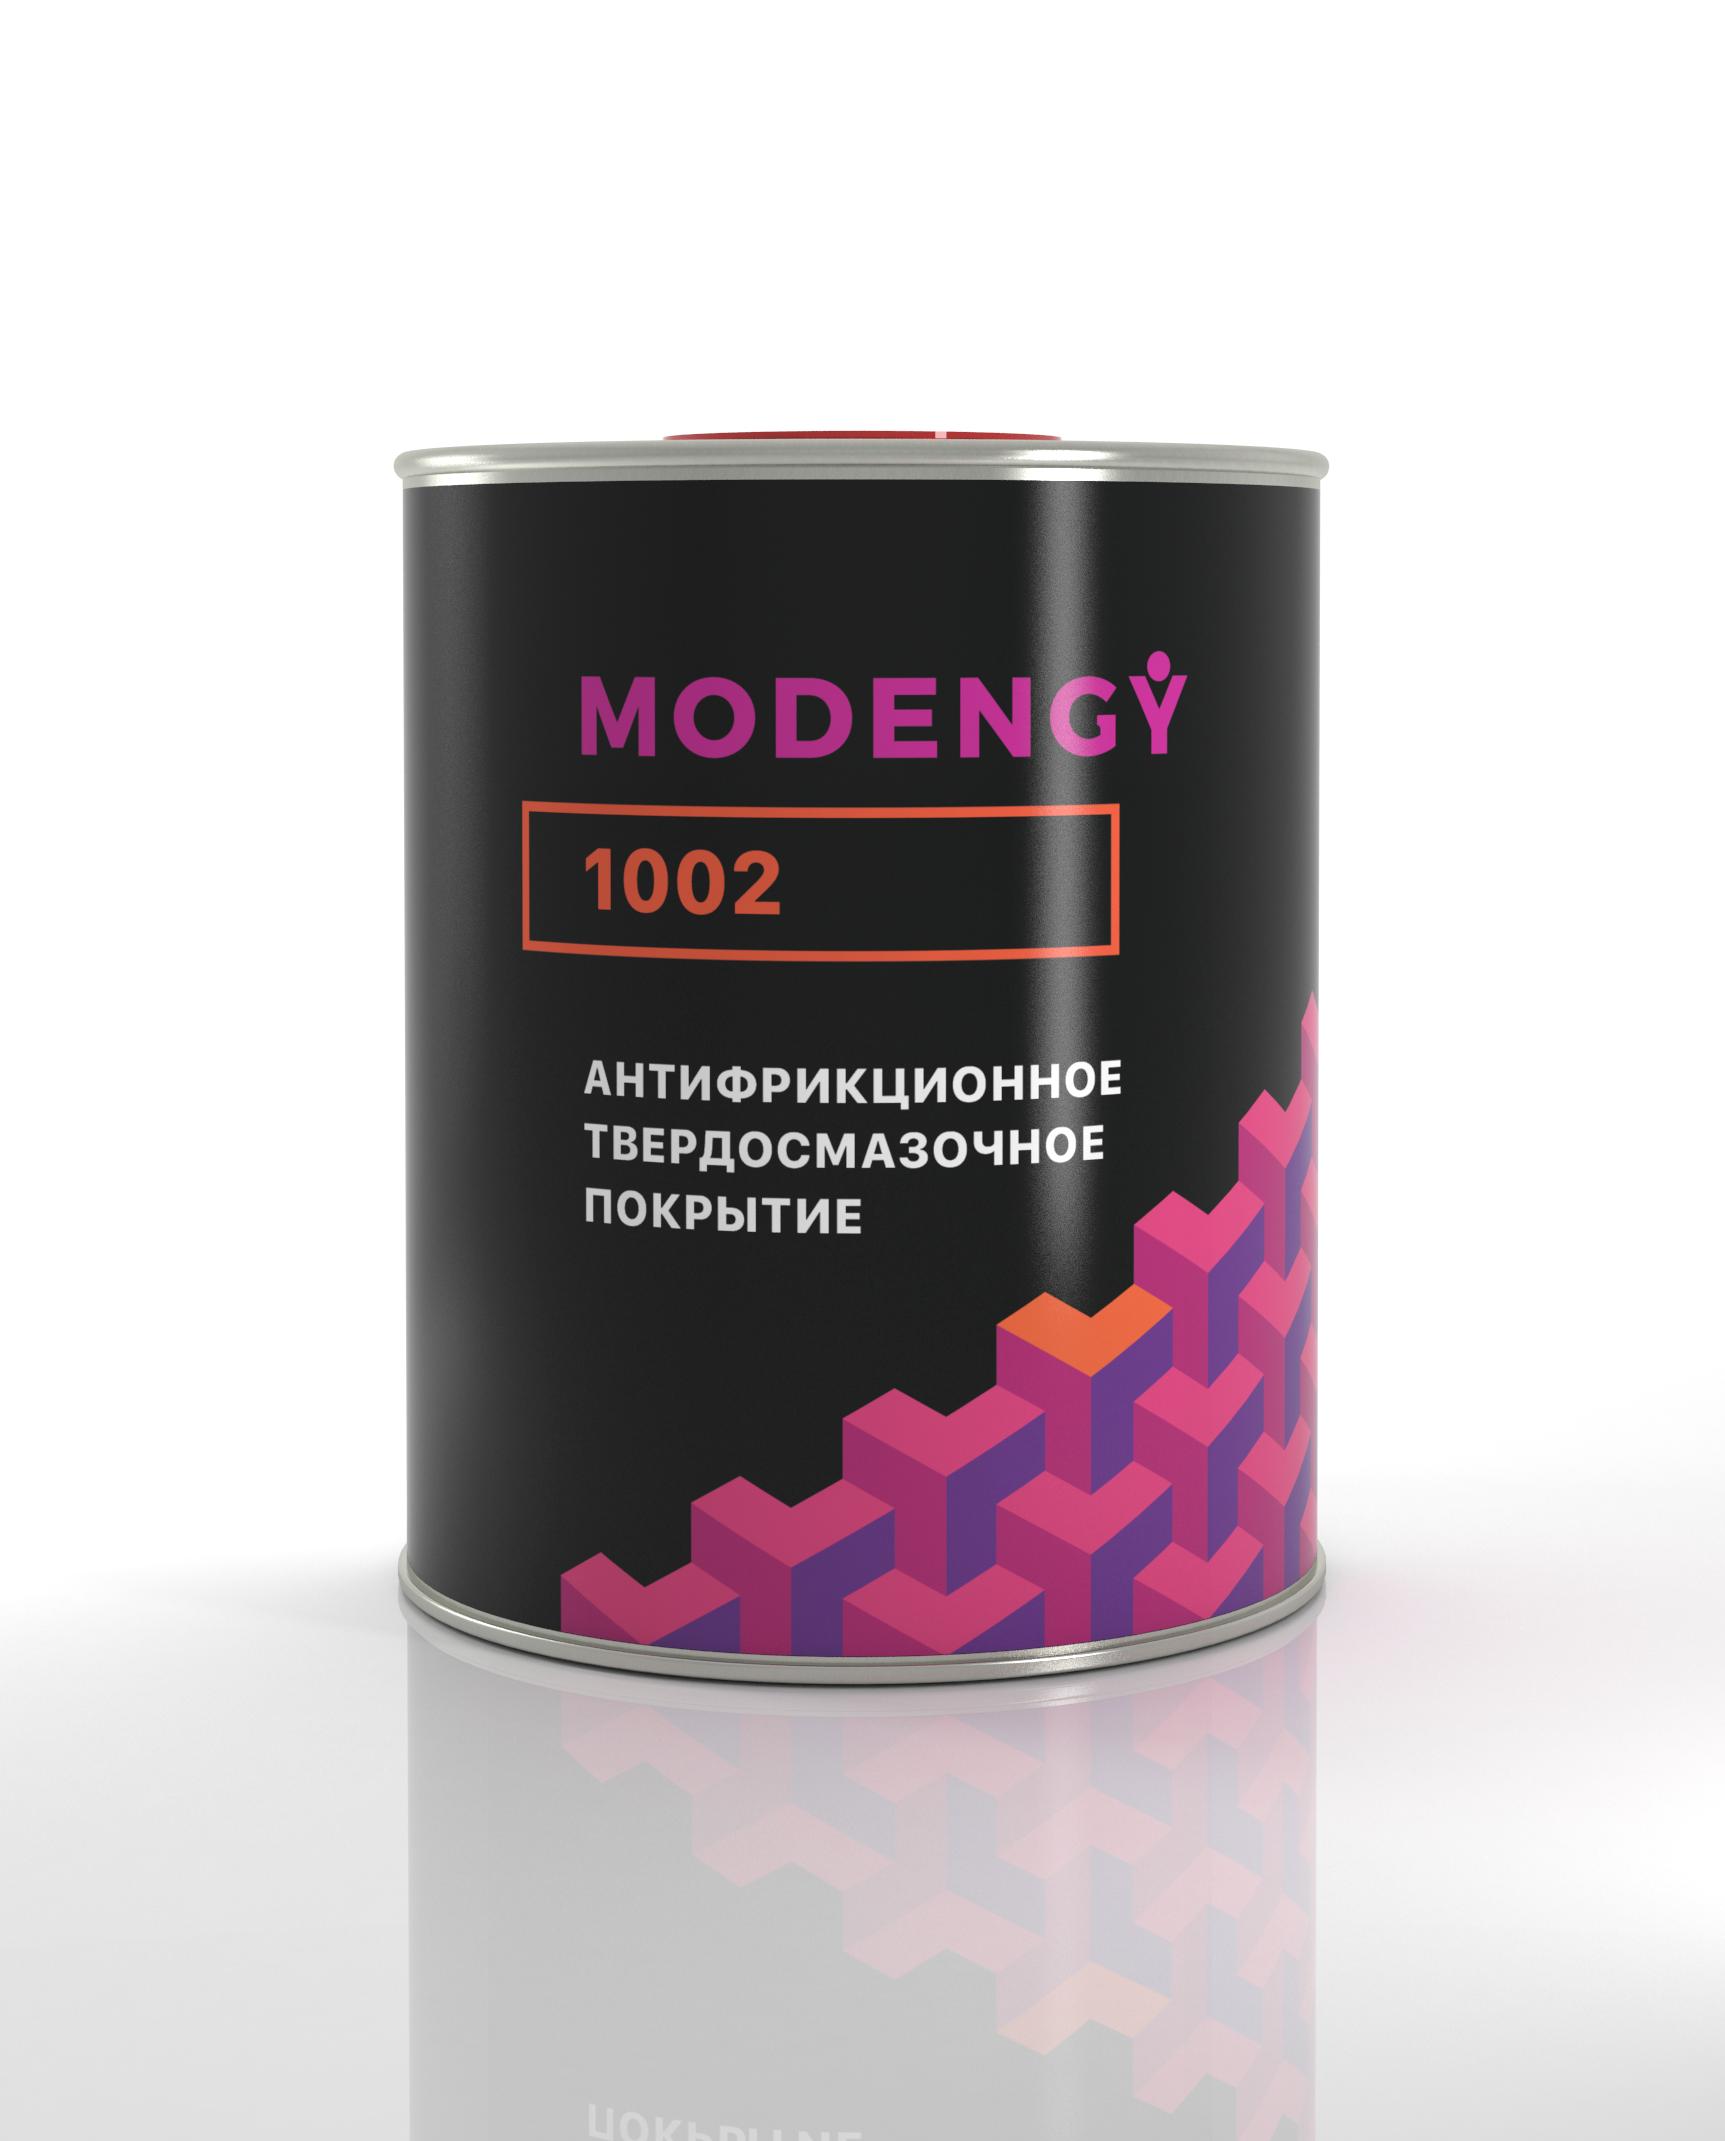 Антифрикционное твердосмазочное покрытие MODENGY 1002 (1 кг)